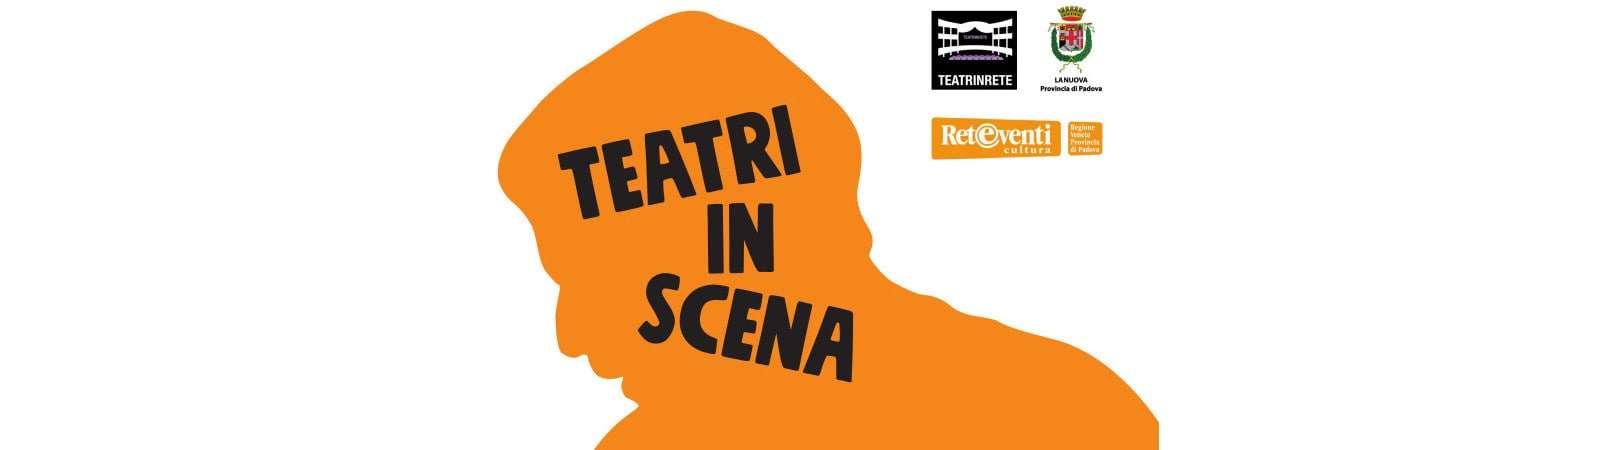 Teatri in Scena - Rassegna itinerante nei comuni dell'alta padovana